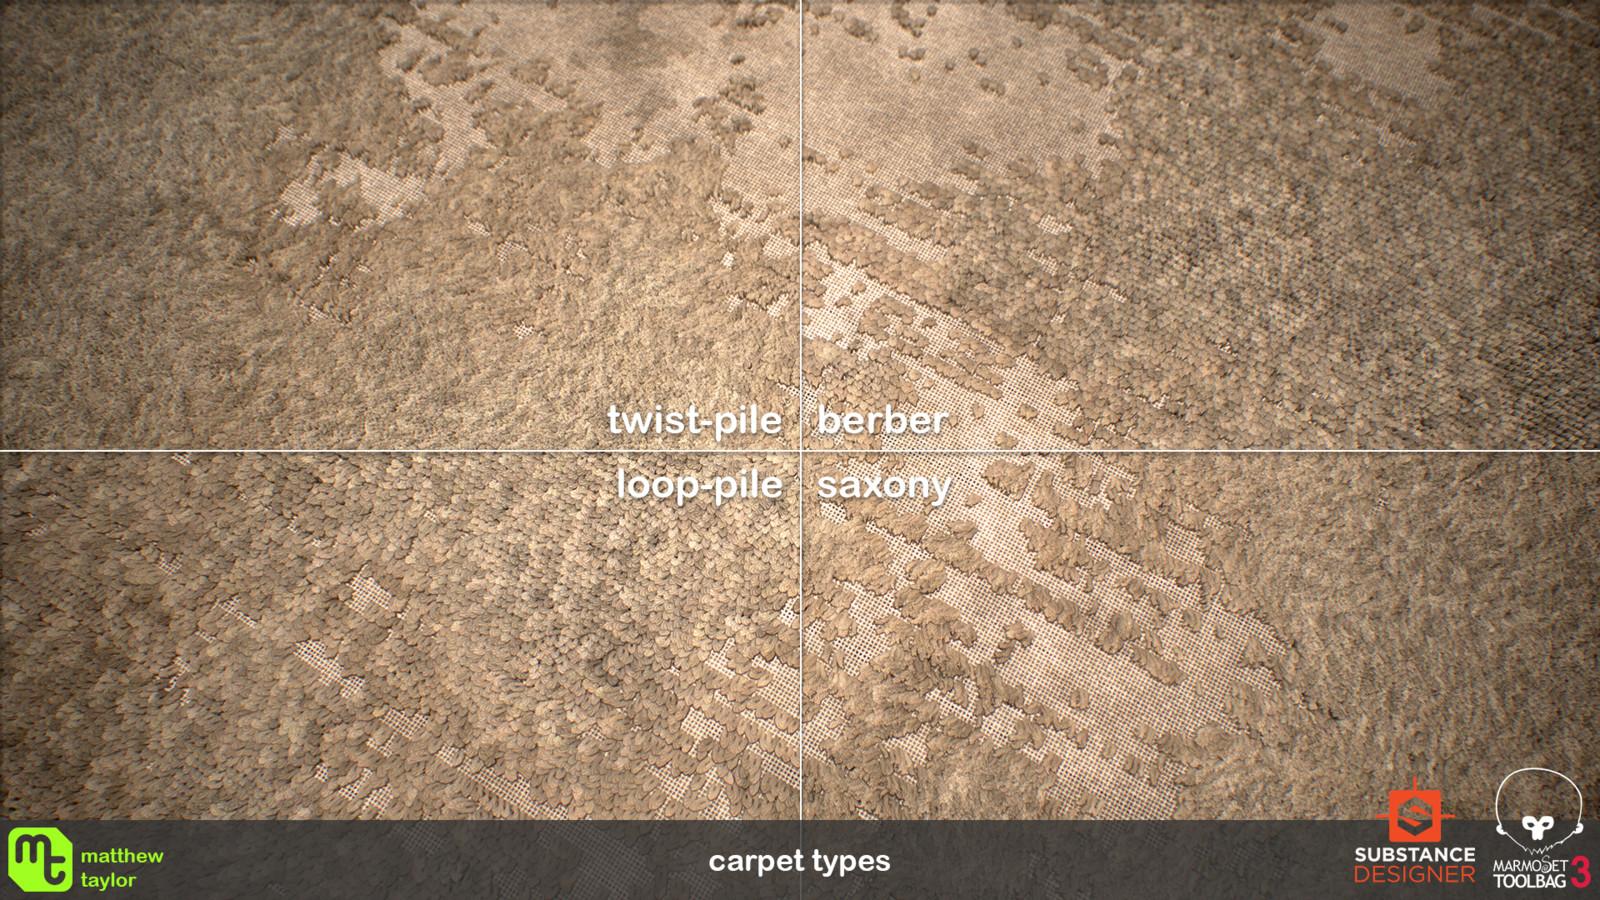 Choose between berber, loop-pile, saxony and twist-pile carpet types.